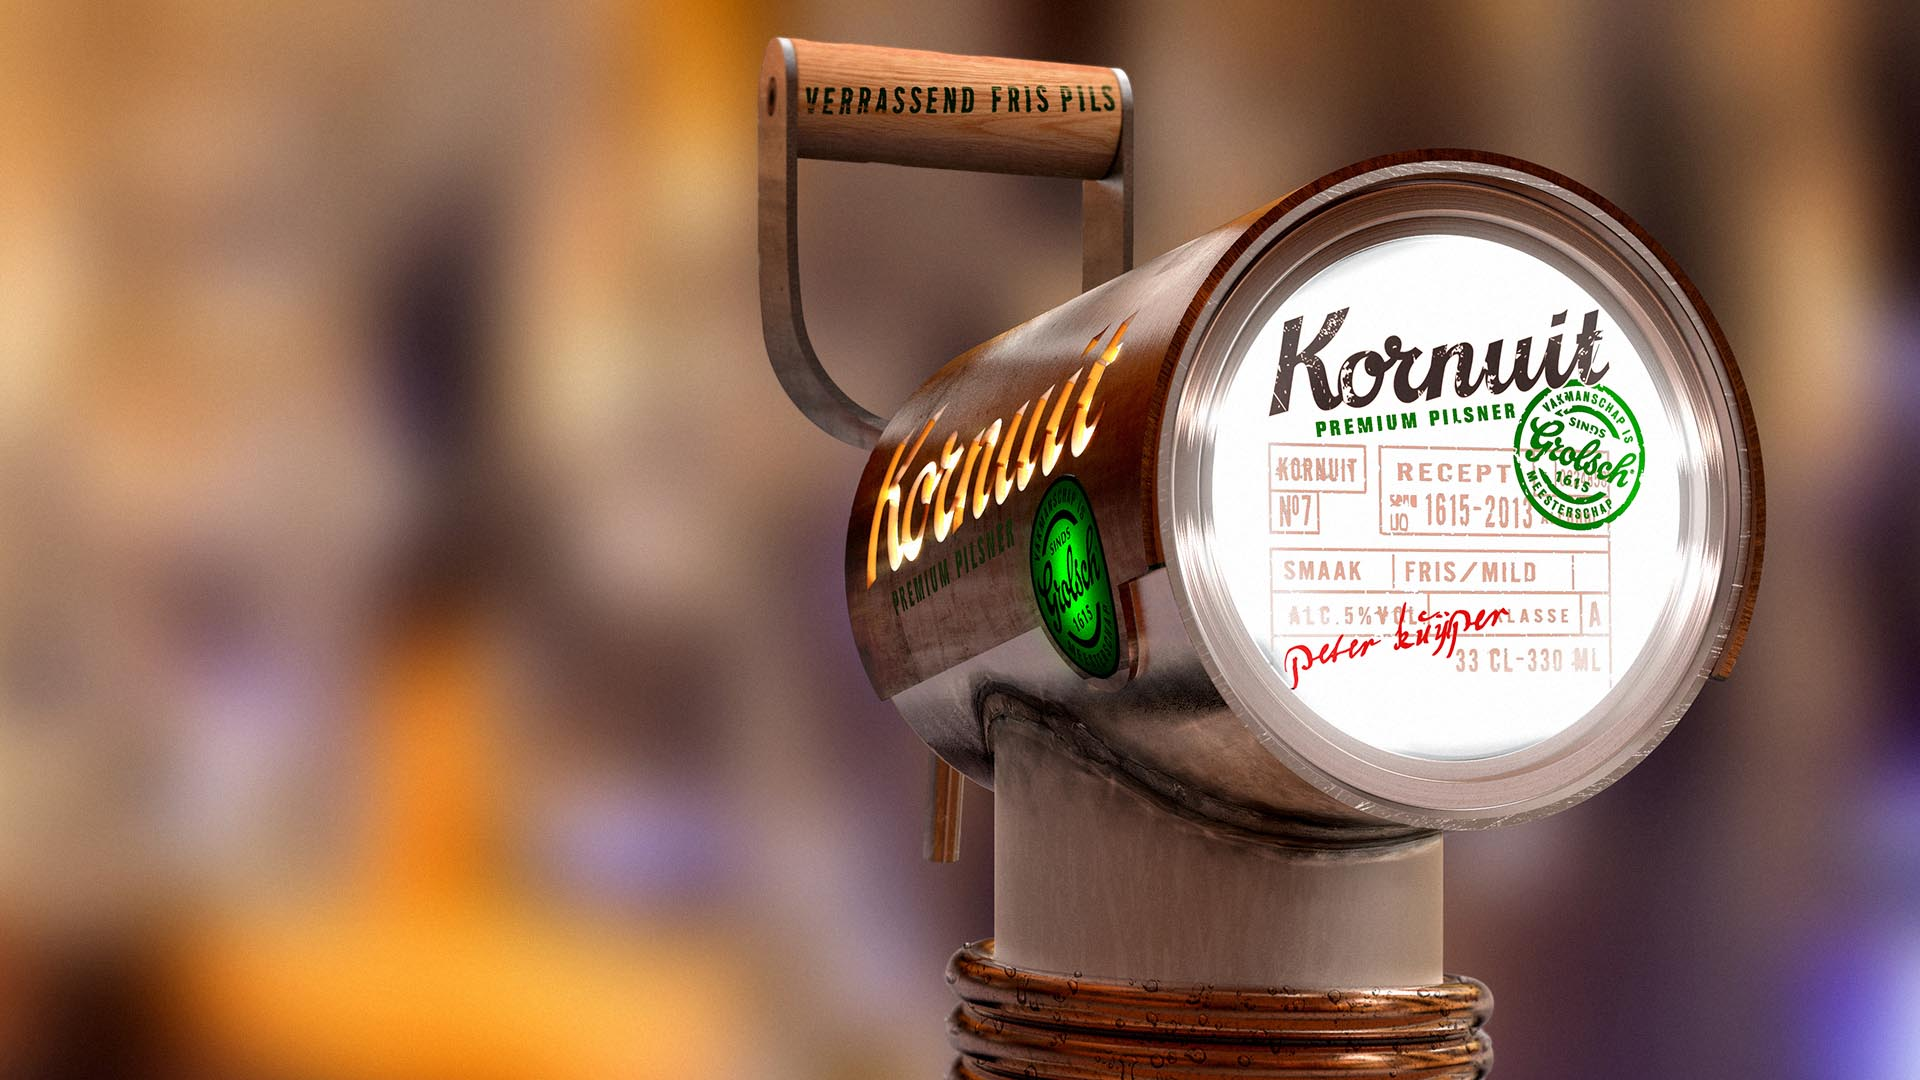 Kornuit Beertower by Sikko Valk